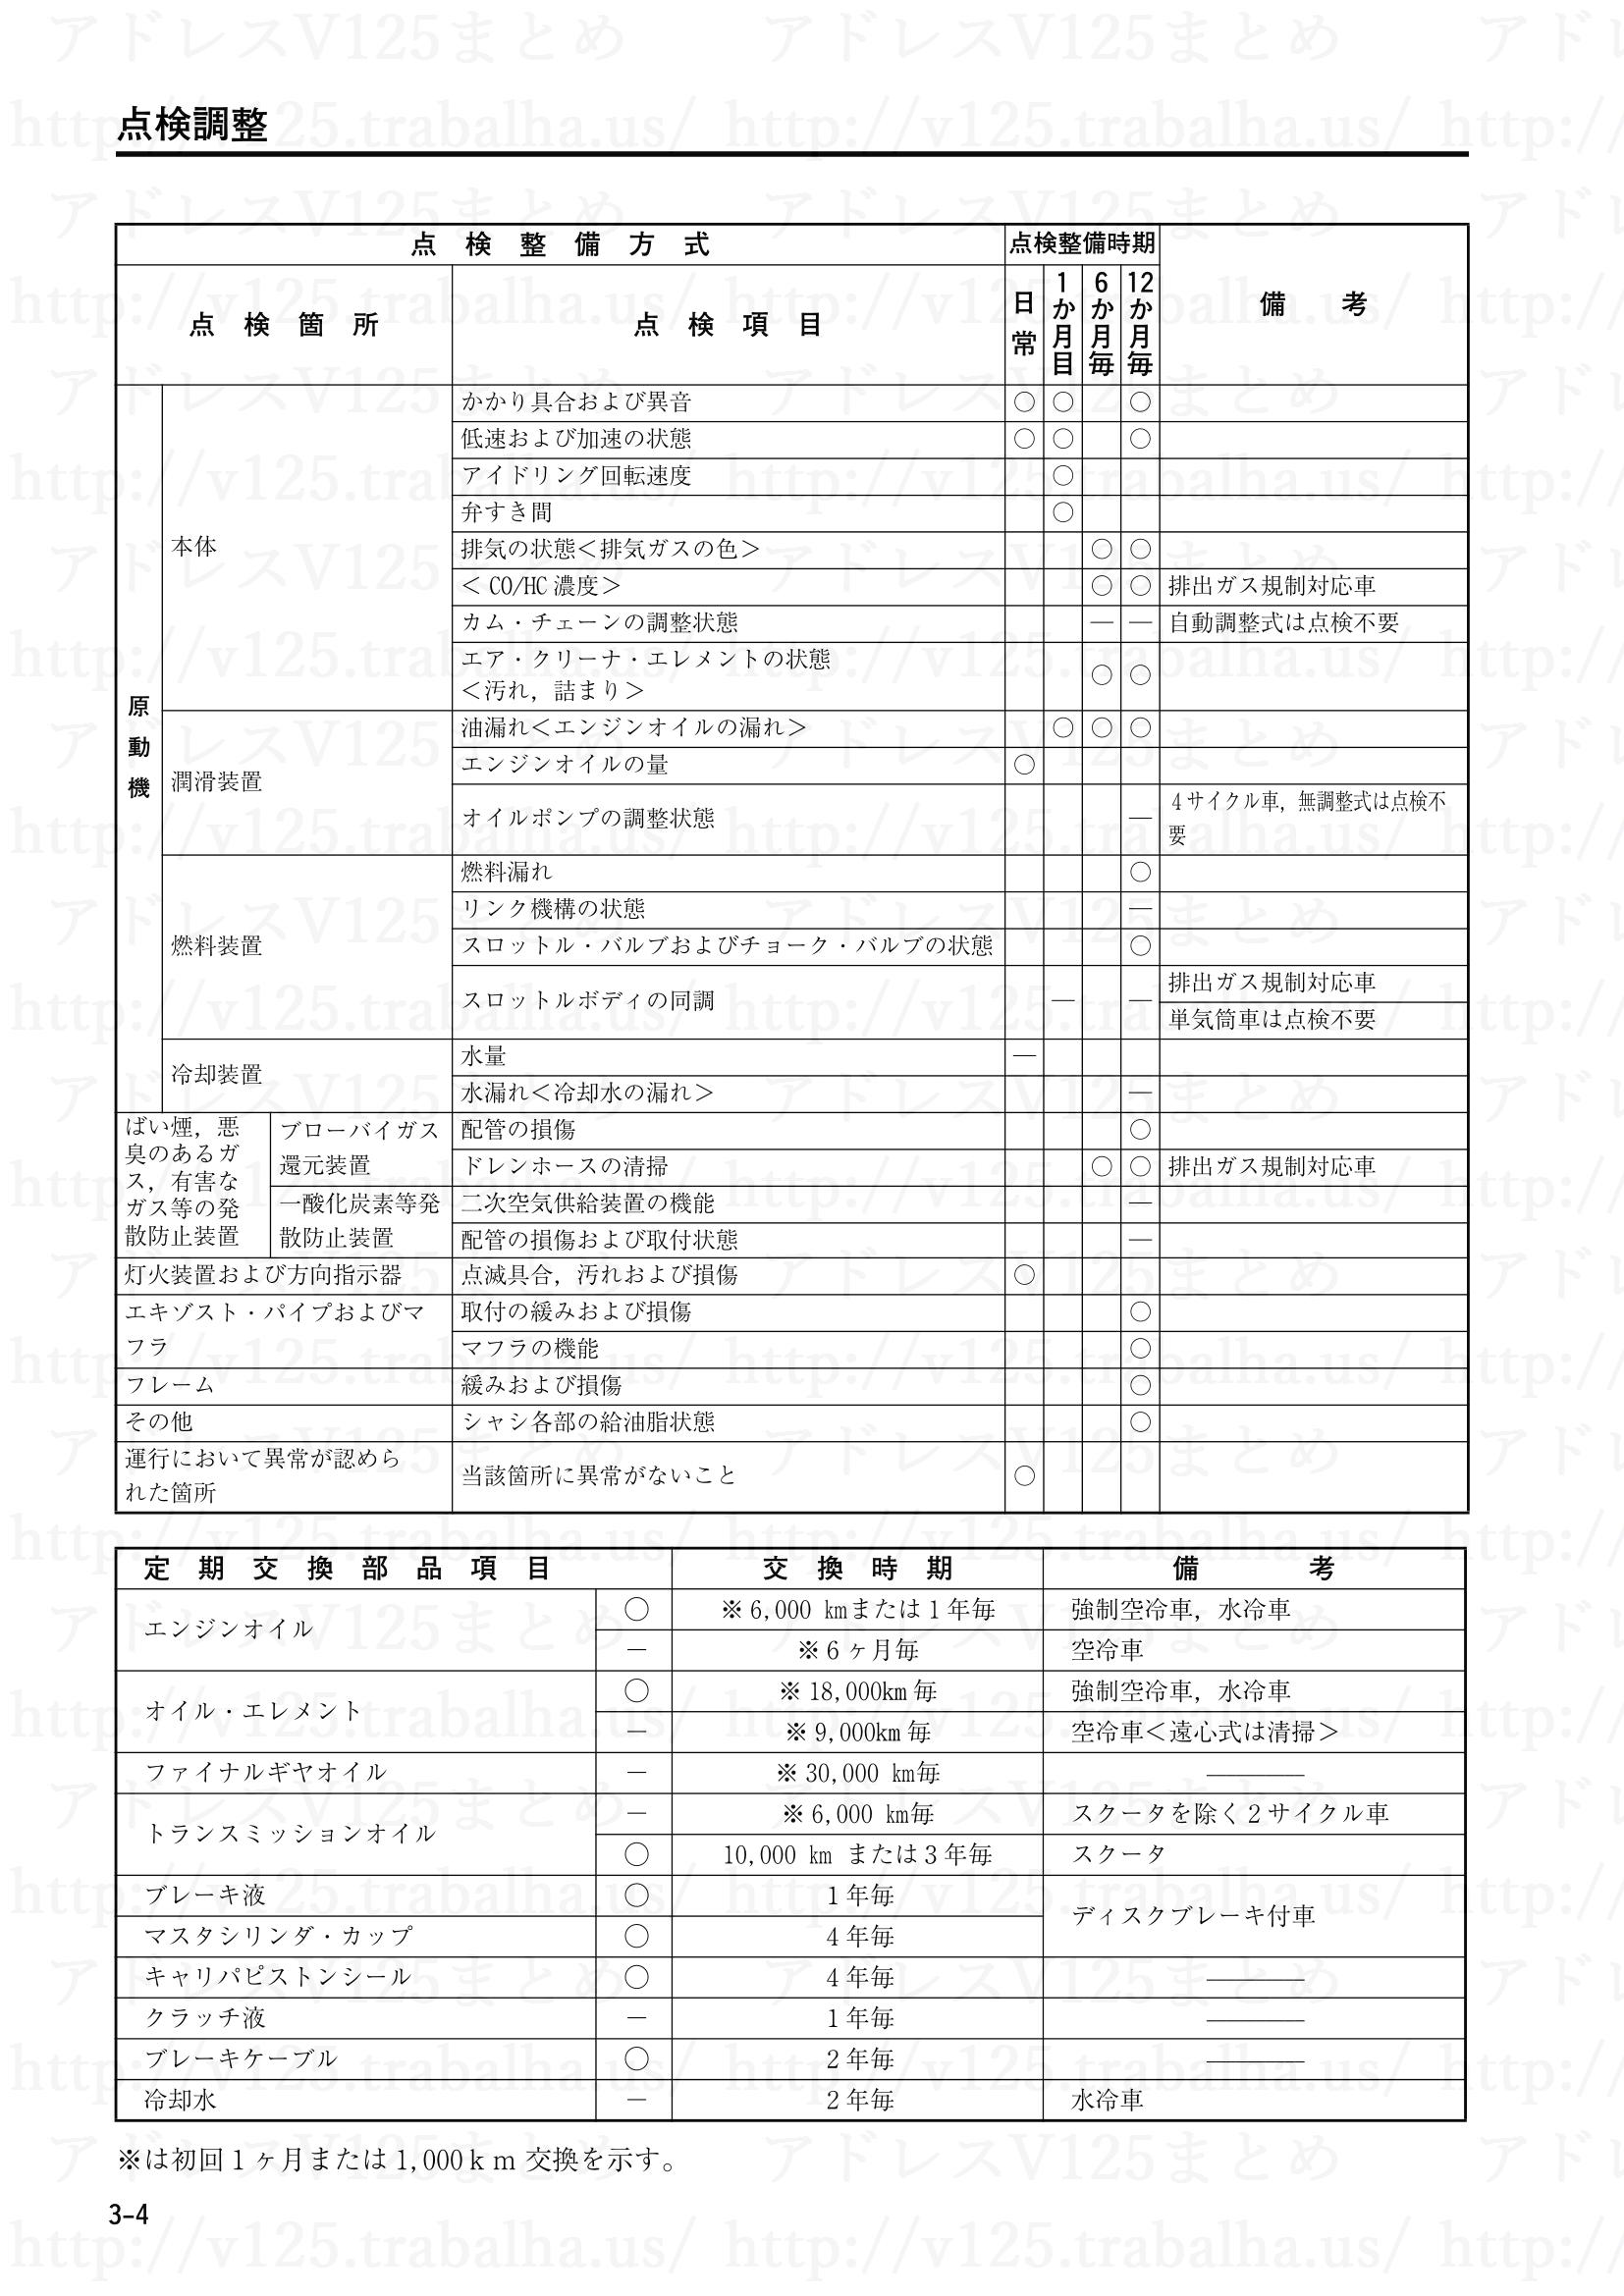 3-4【点検調整】点検整備方式2